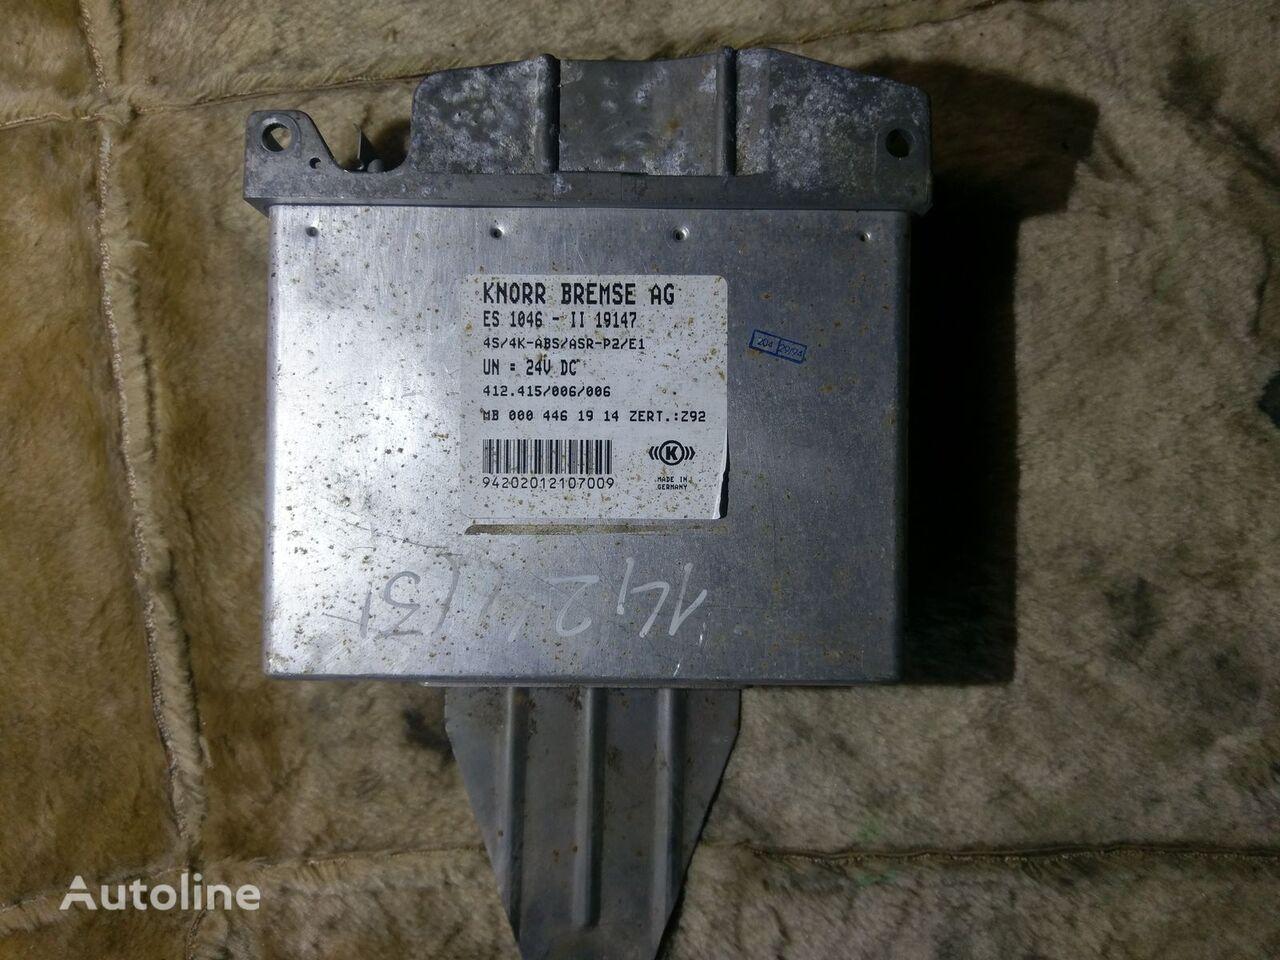 KNORR-BREMSE 412.415/006/006 0004461914 4S/4K ABS/ASR unidad de control para tractora